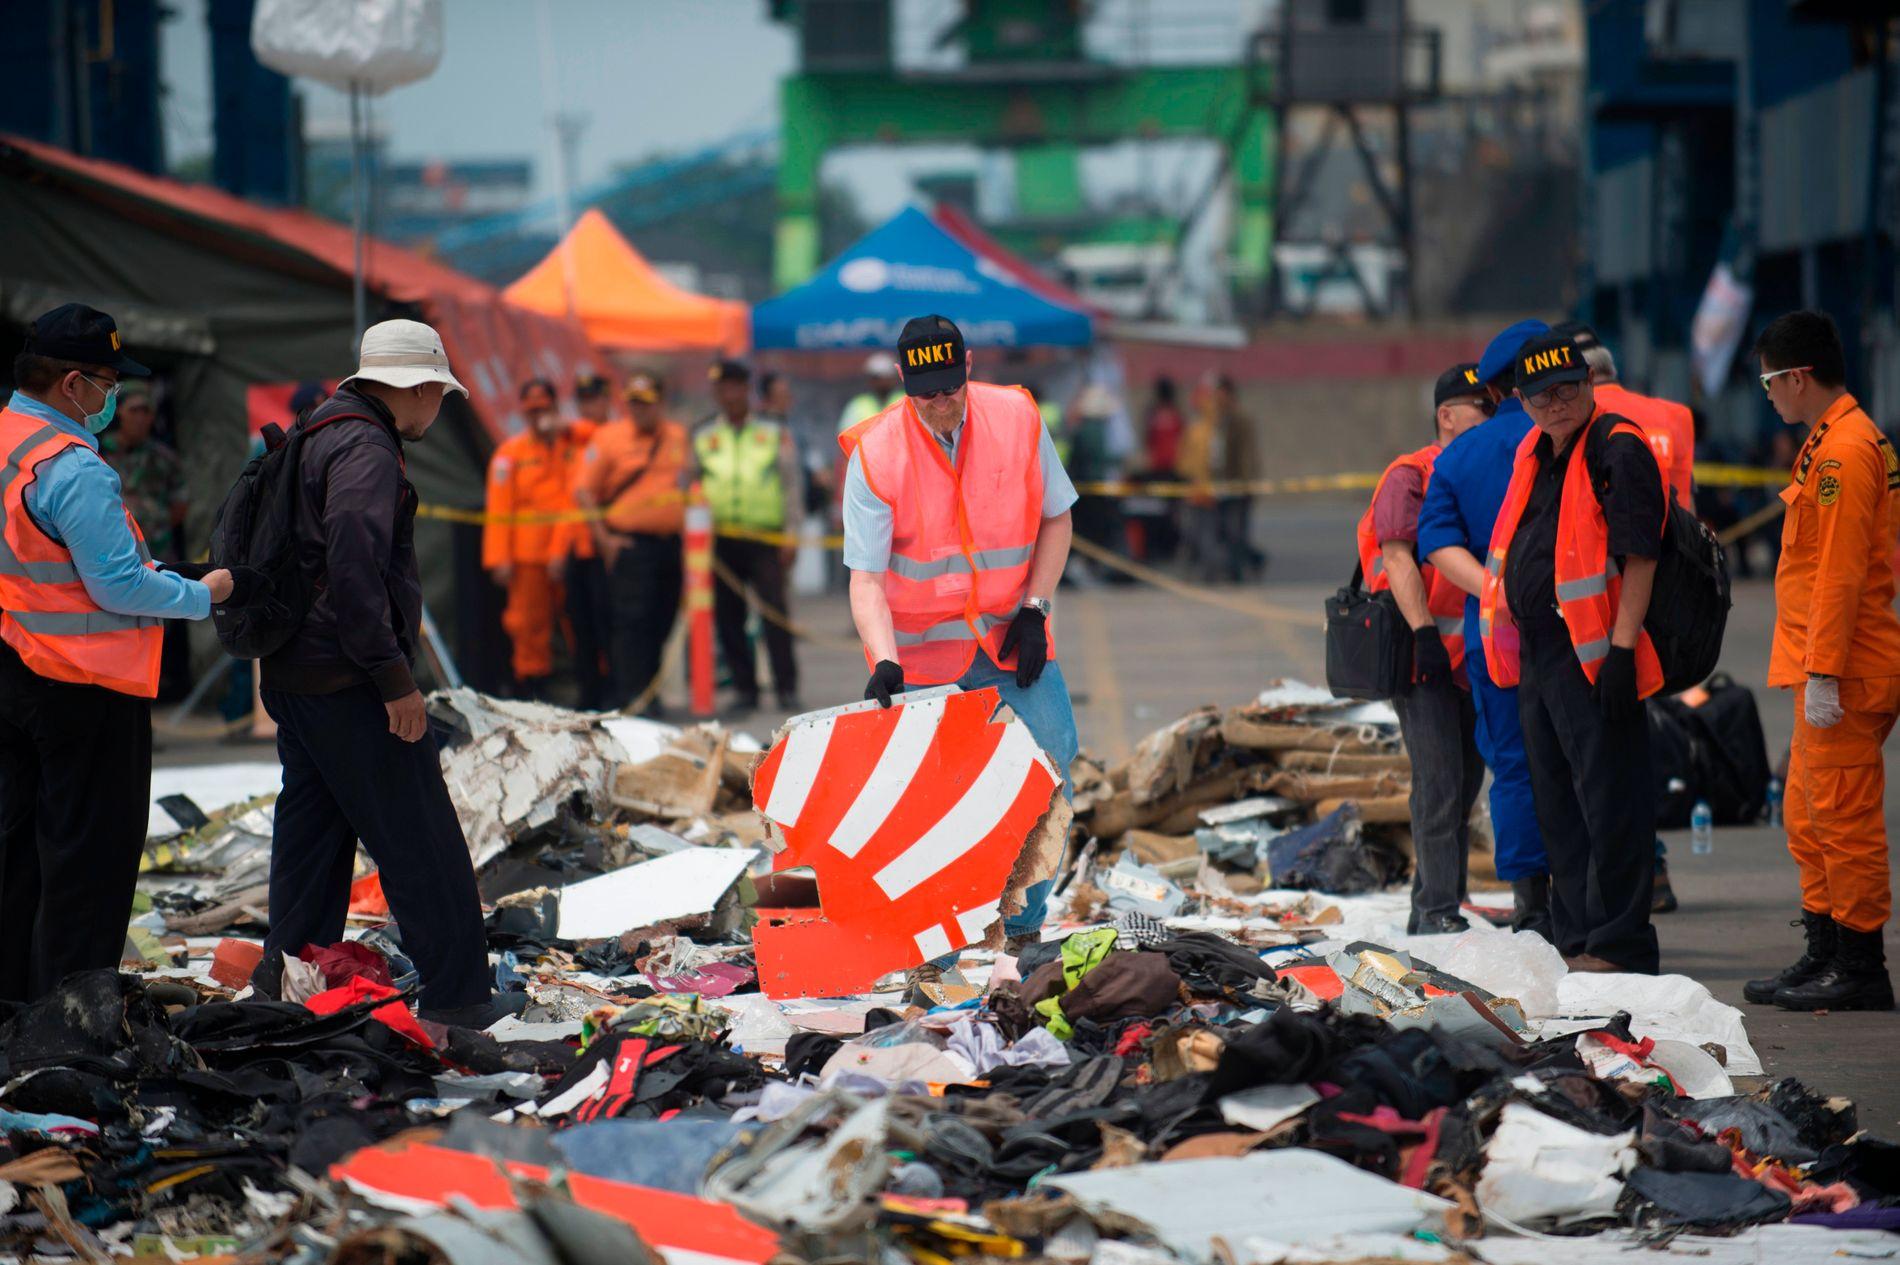 STYRTET: Et Boeing 737 MAX 8-fly styrtet i havet utenfor Indonesia så sendt som i oktober i fjor. 189 mennesker mistet livet.